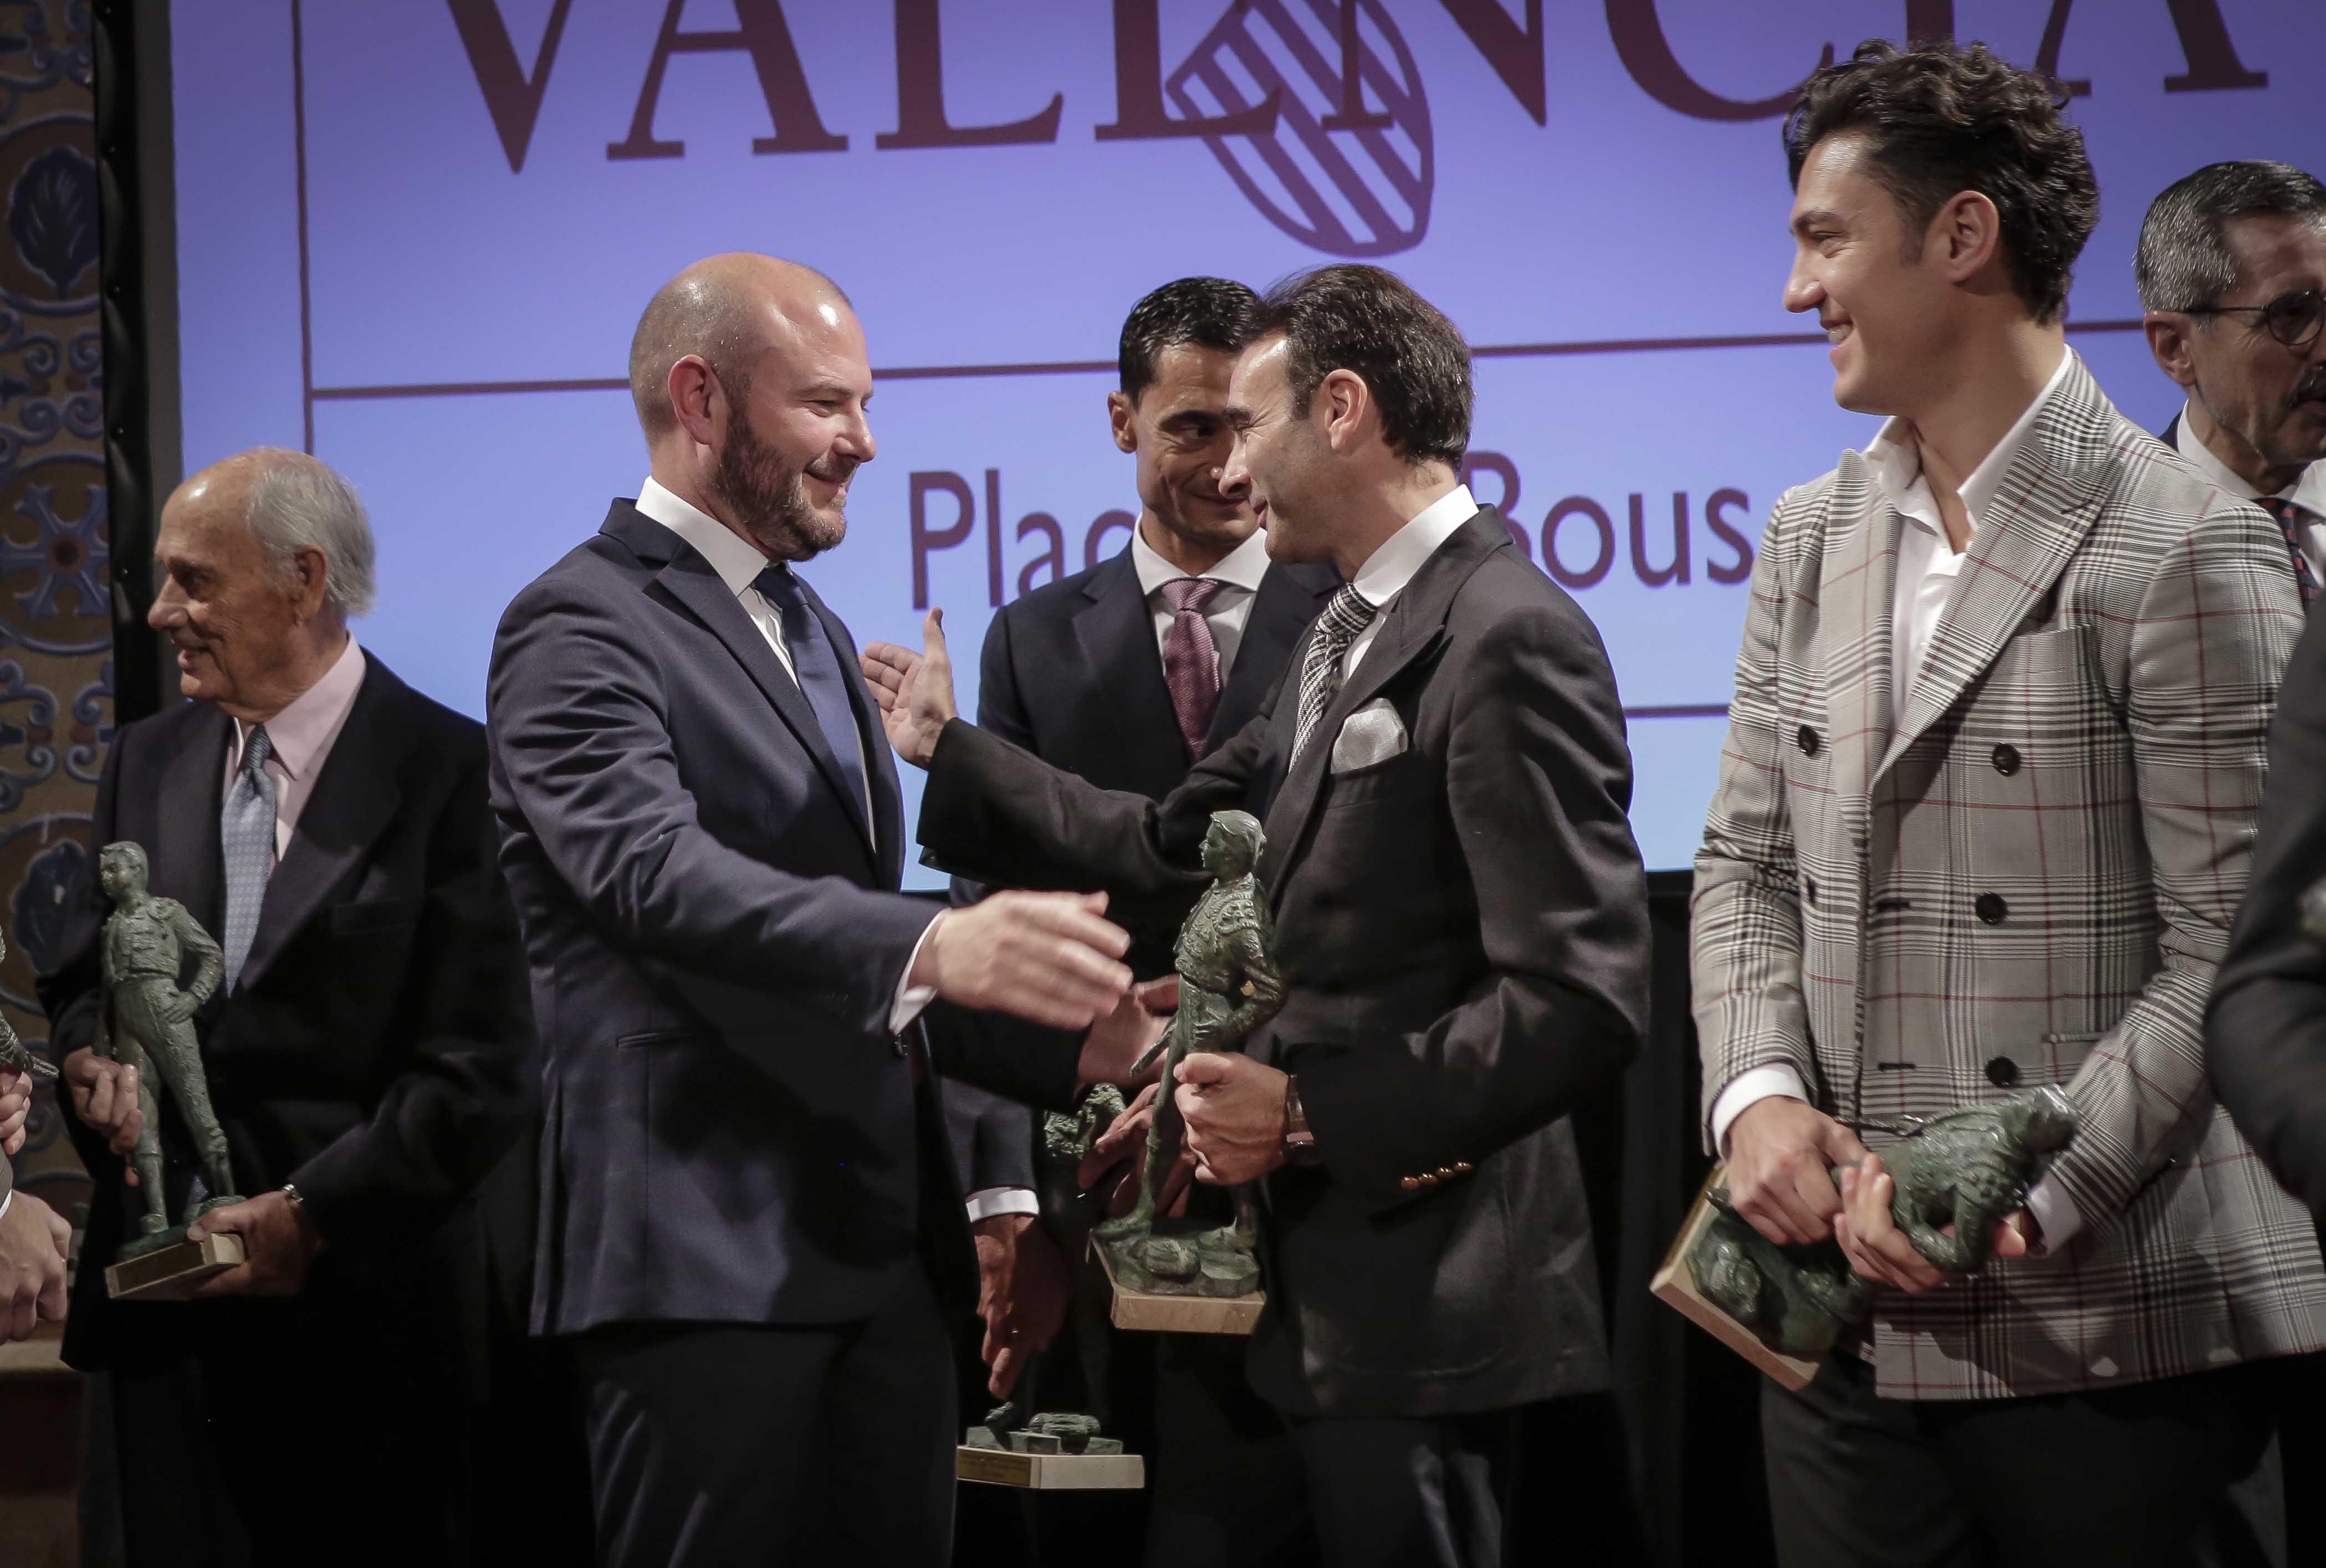 Ponce recibe el premio de manos del presidente de la Diputación de Valencia, Toni Gaspar.